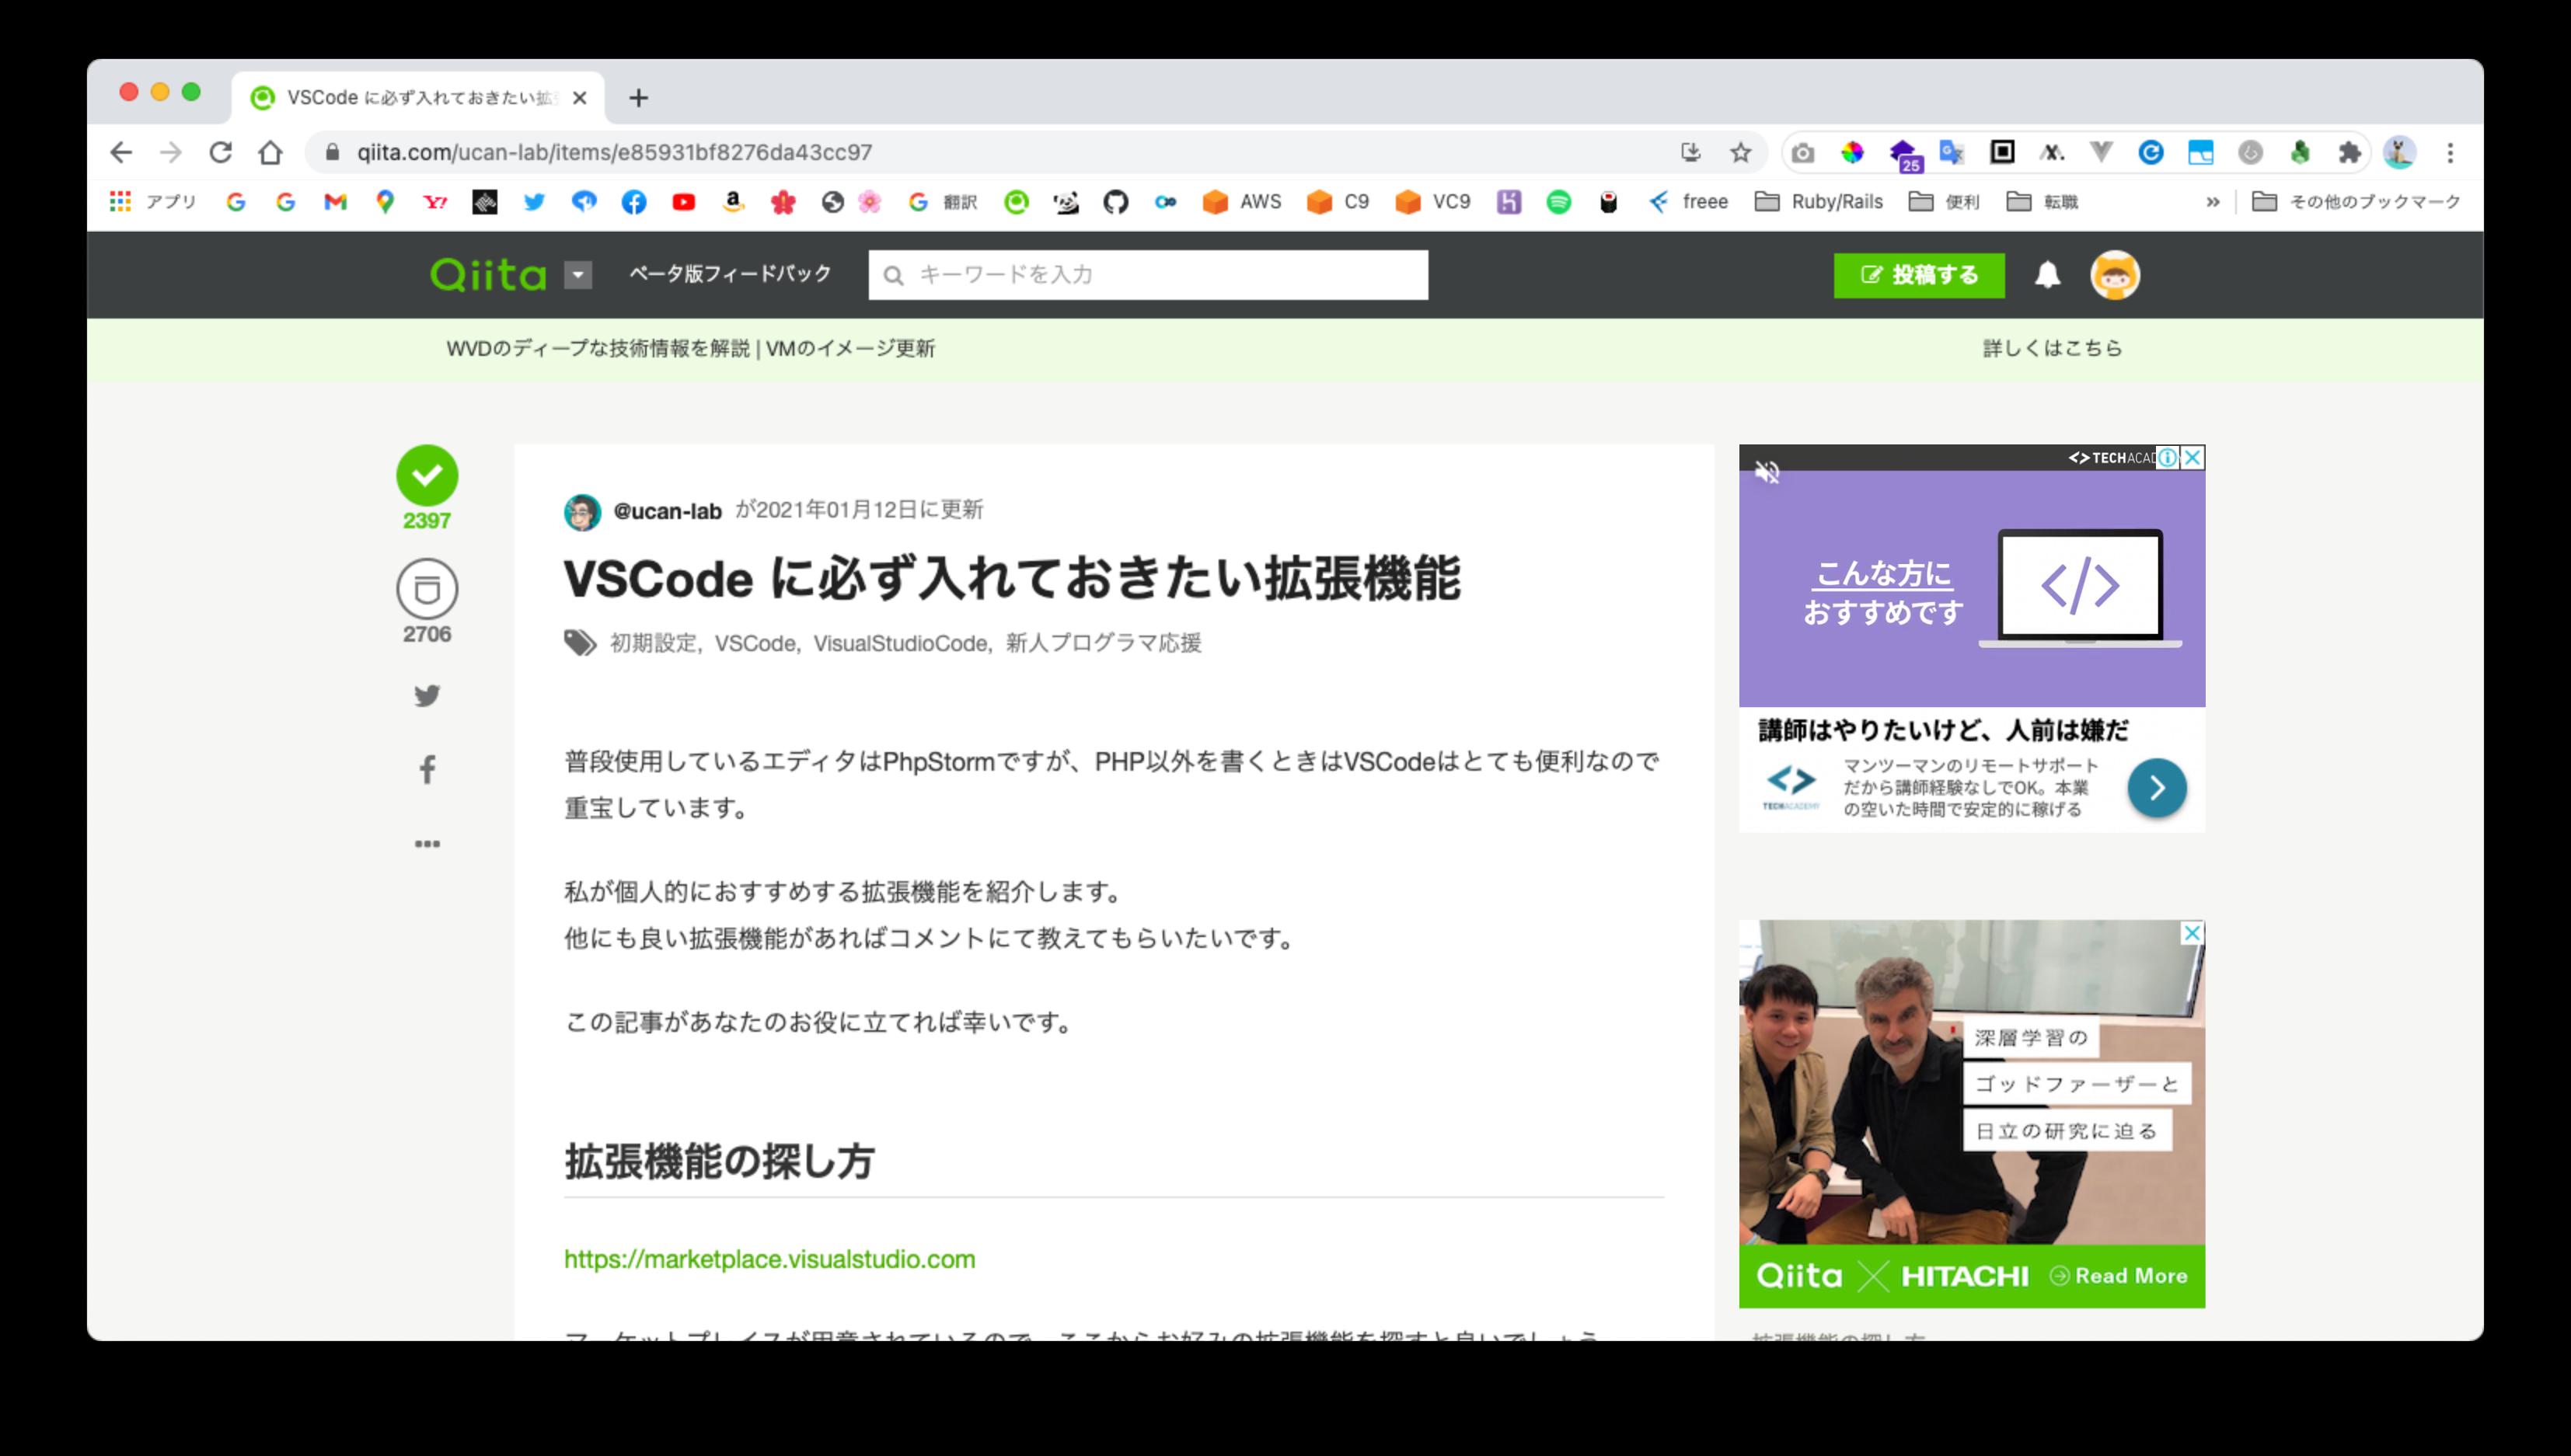 スクリーンショット 2021-02-23 14.20.01.png